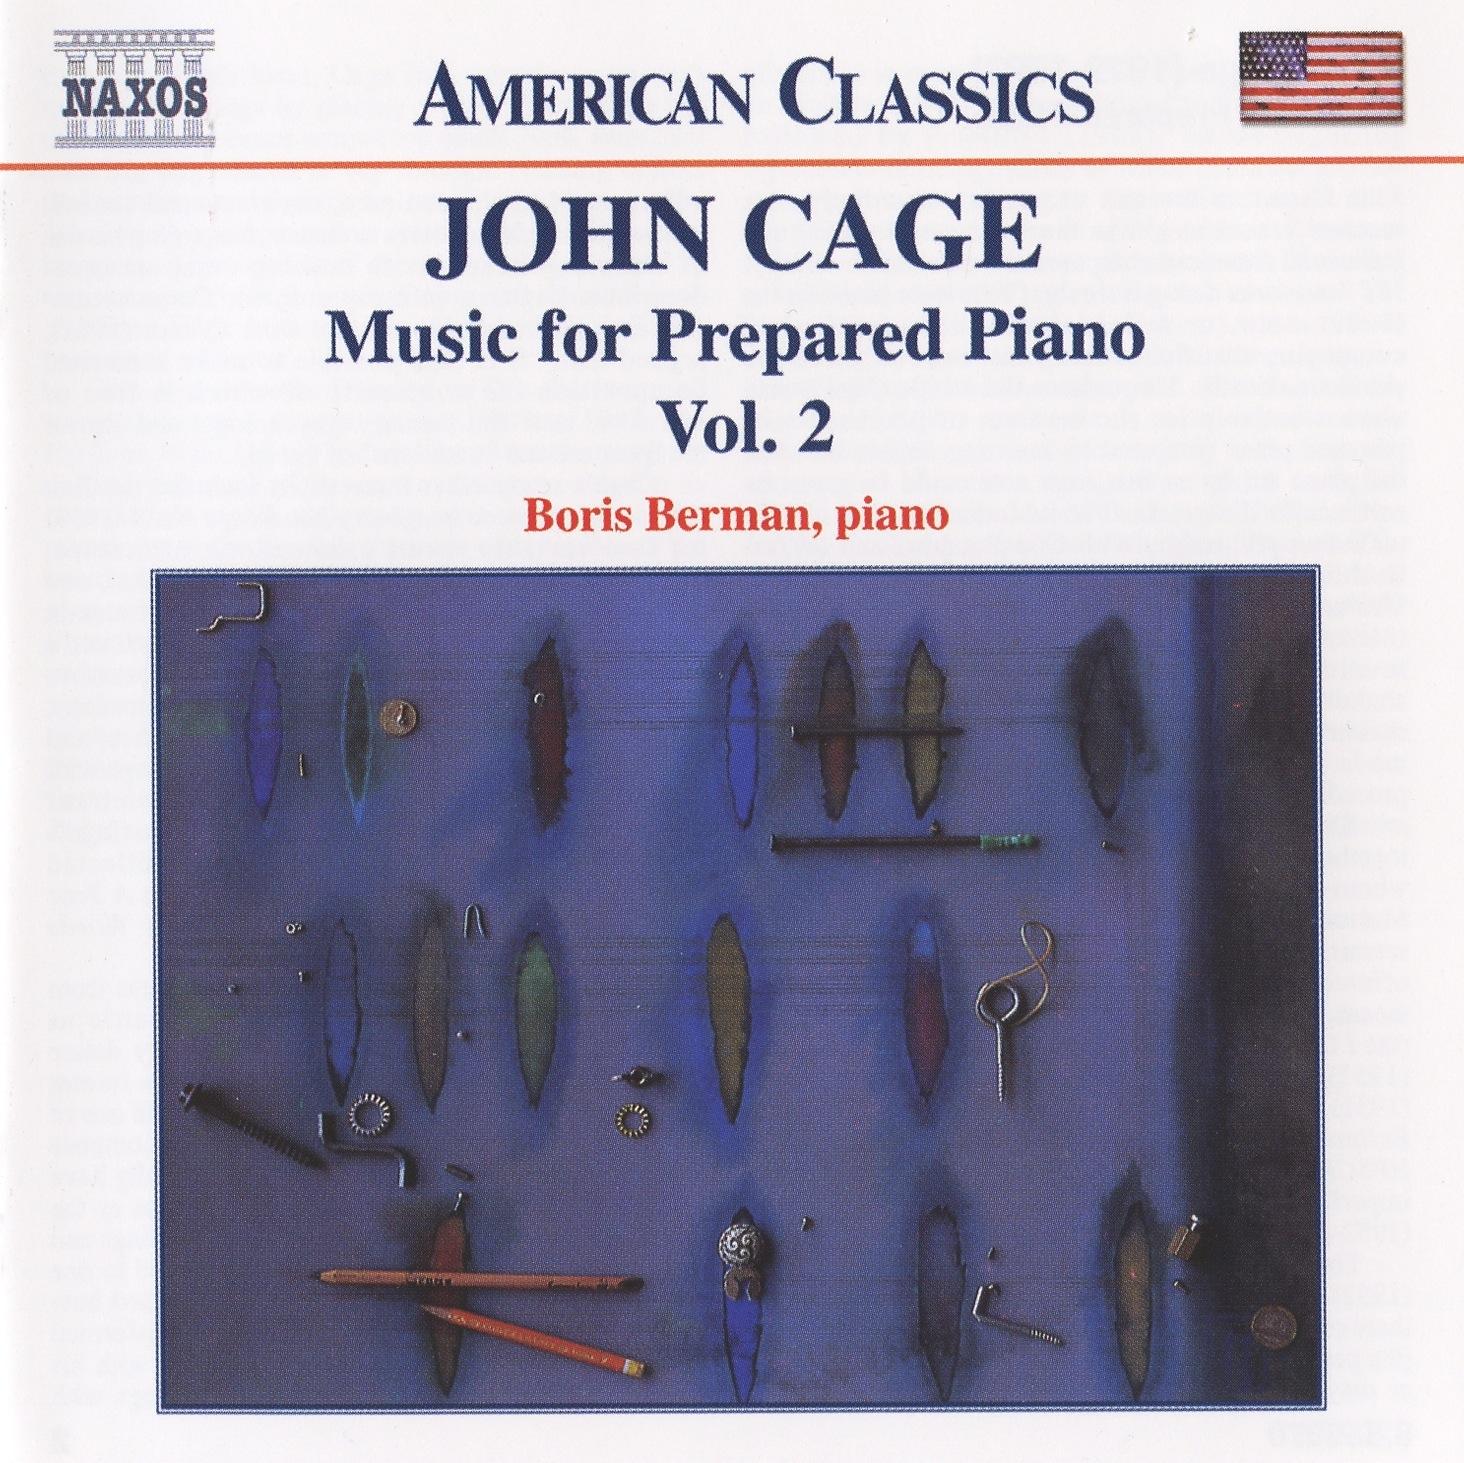 Cage: Music for Prepared Piano